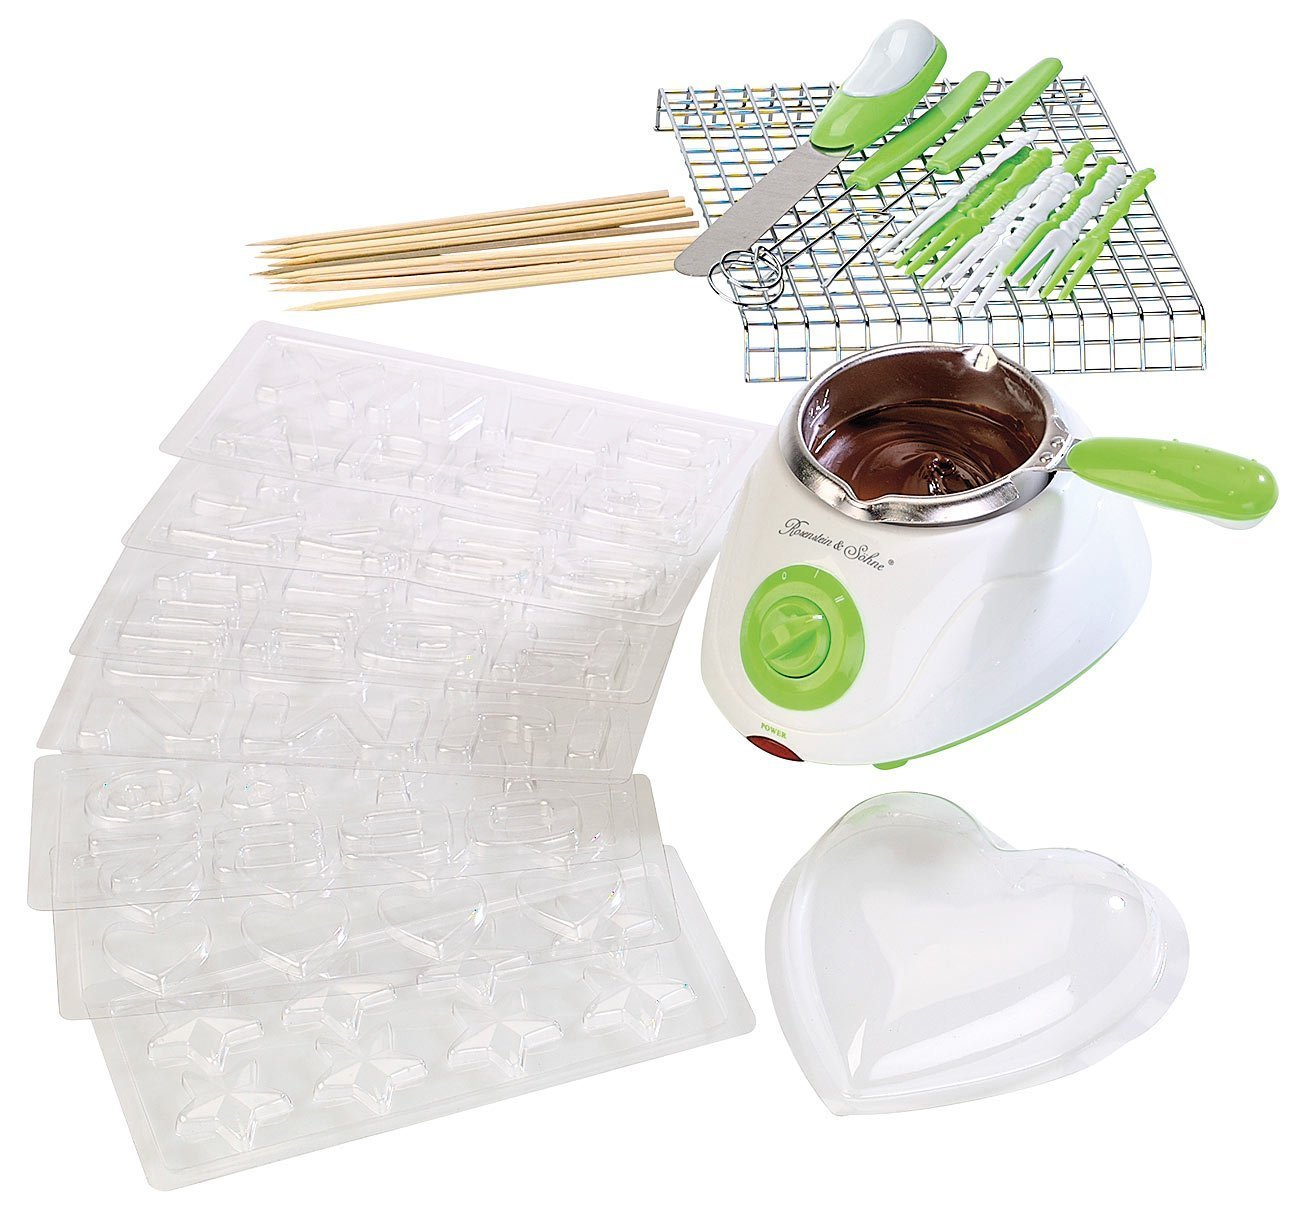 MostroMania - Set per Fonduta di Cioccolato con Accessori - Macchina Sciogli-Cioccolato - Cioccolatiera Elettrica per Fondute e Praline - Accessori da Cucina - Accessori per Dolci Monsterzeug